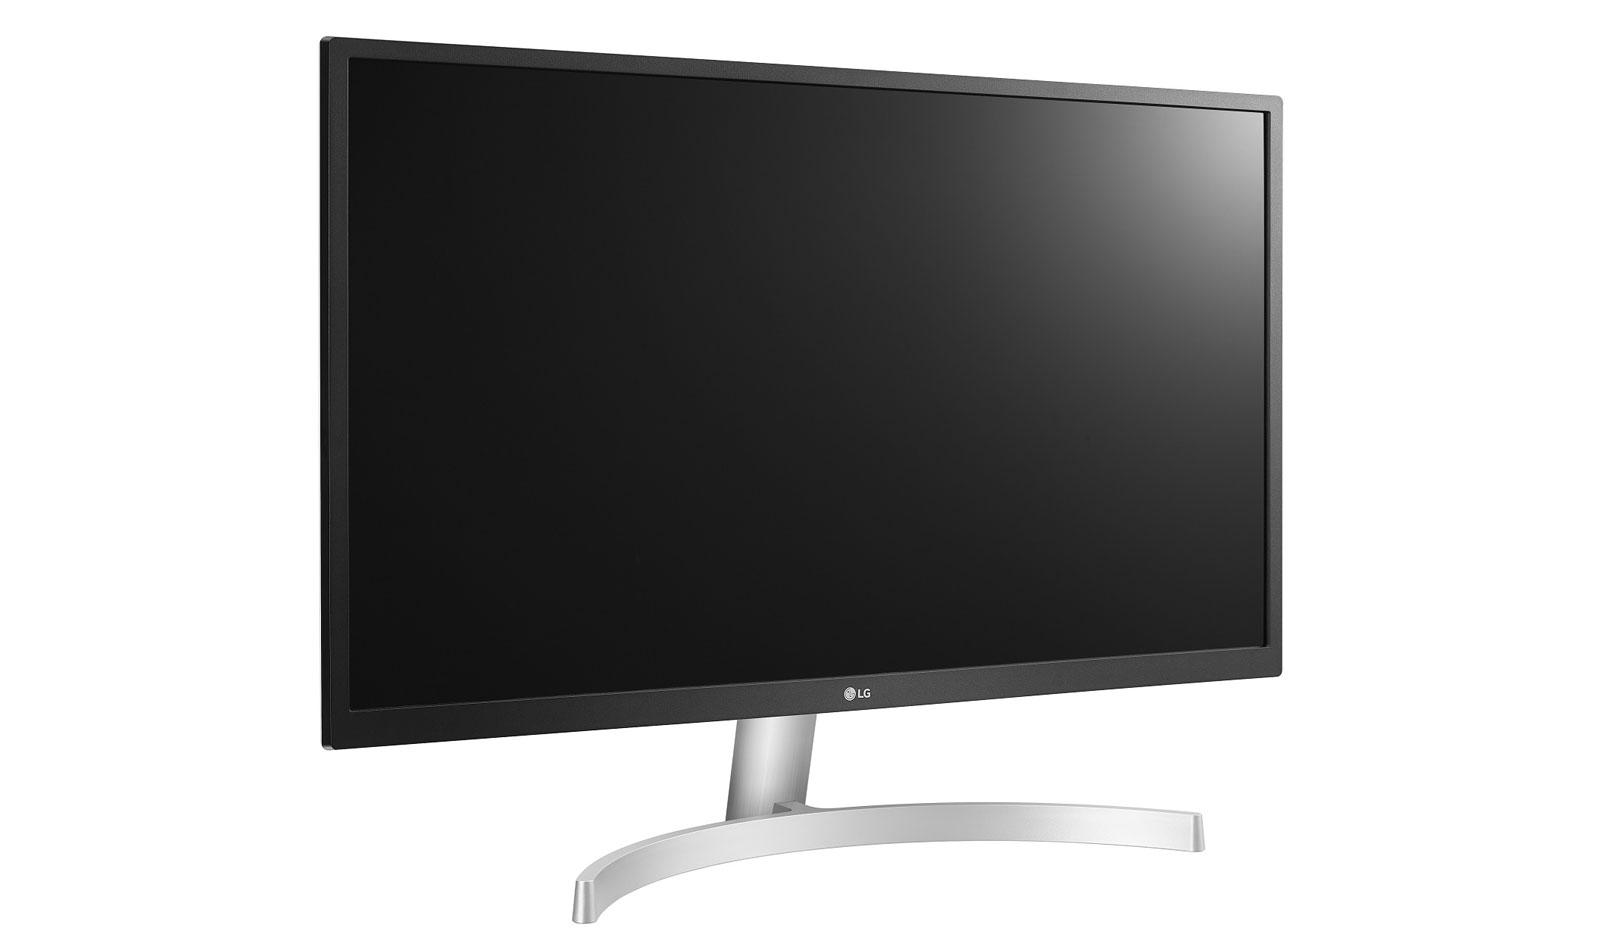 מסך מחשב 27 אינטש 4K מקצועי LG 27UL500-W אל ג'י - תמונה 2